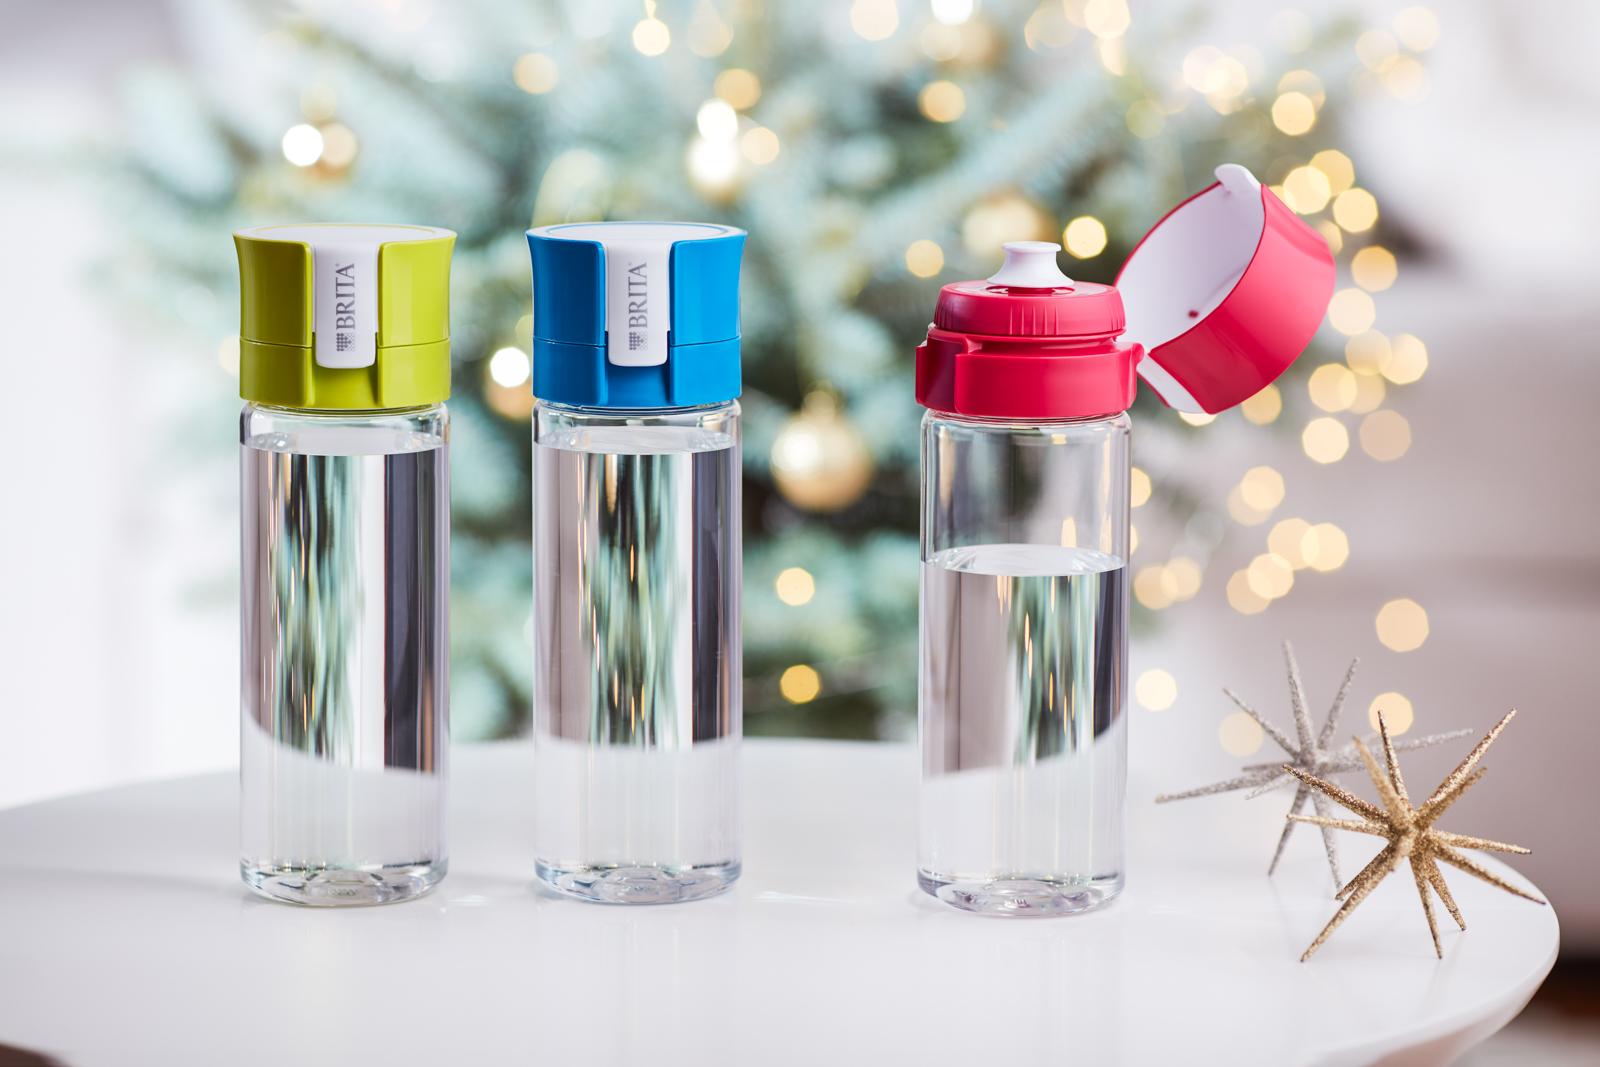 Świąteczny duet- czysta woda i znakomity design